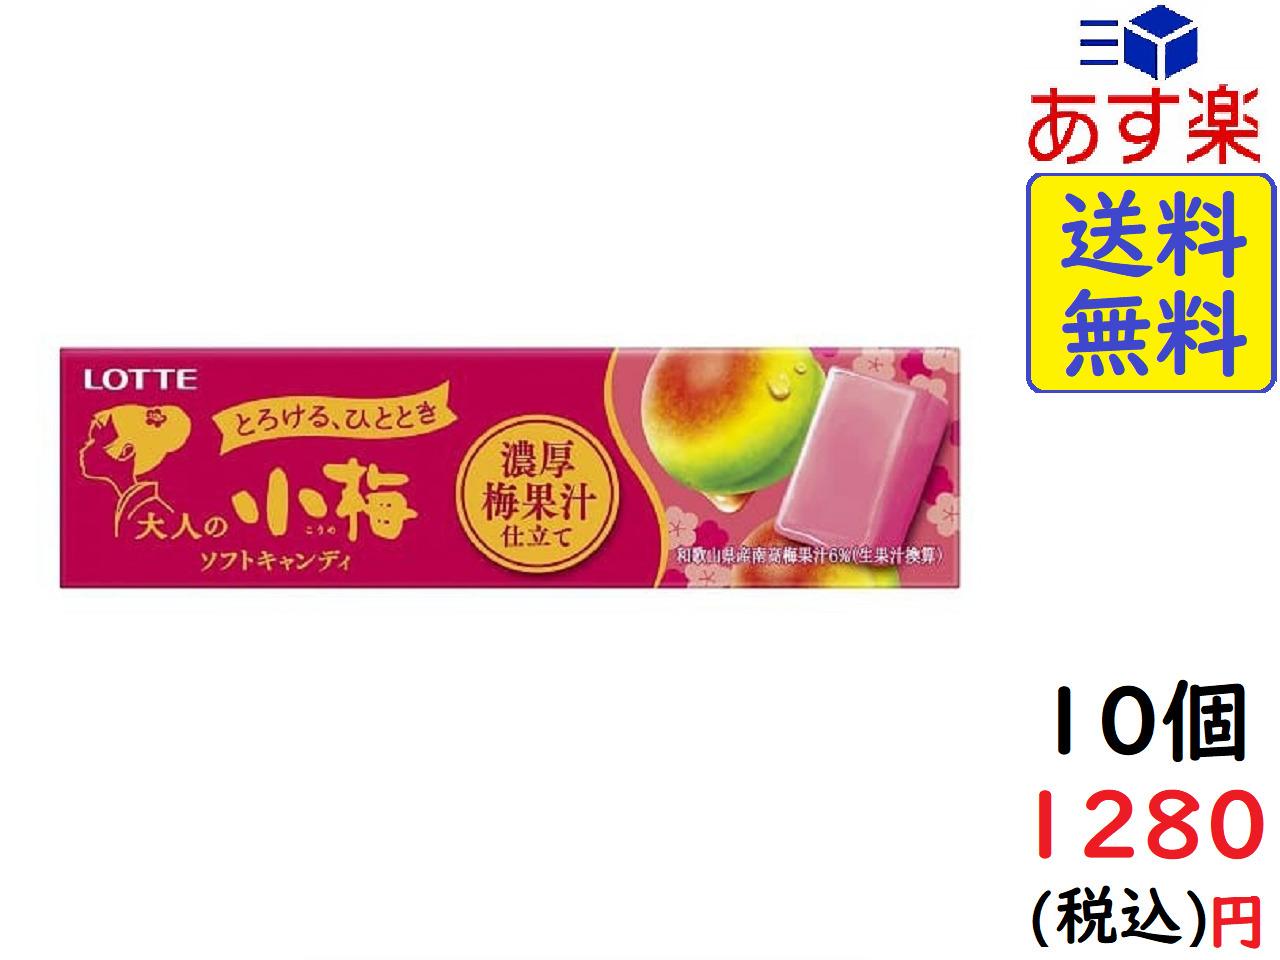 送料無料 購買 あす楽対応 ポスト投函 ロッテ 大人の小梅 ×10個 割引 06 10粒 濃厚梅果汁仕立て 賞味期限2022